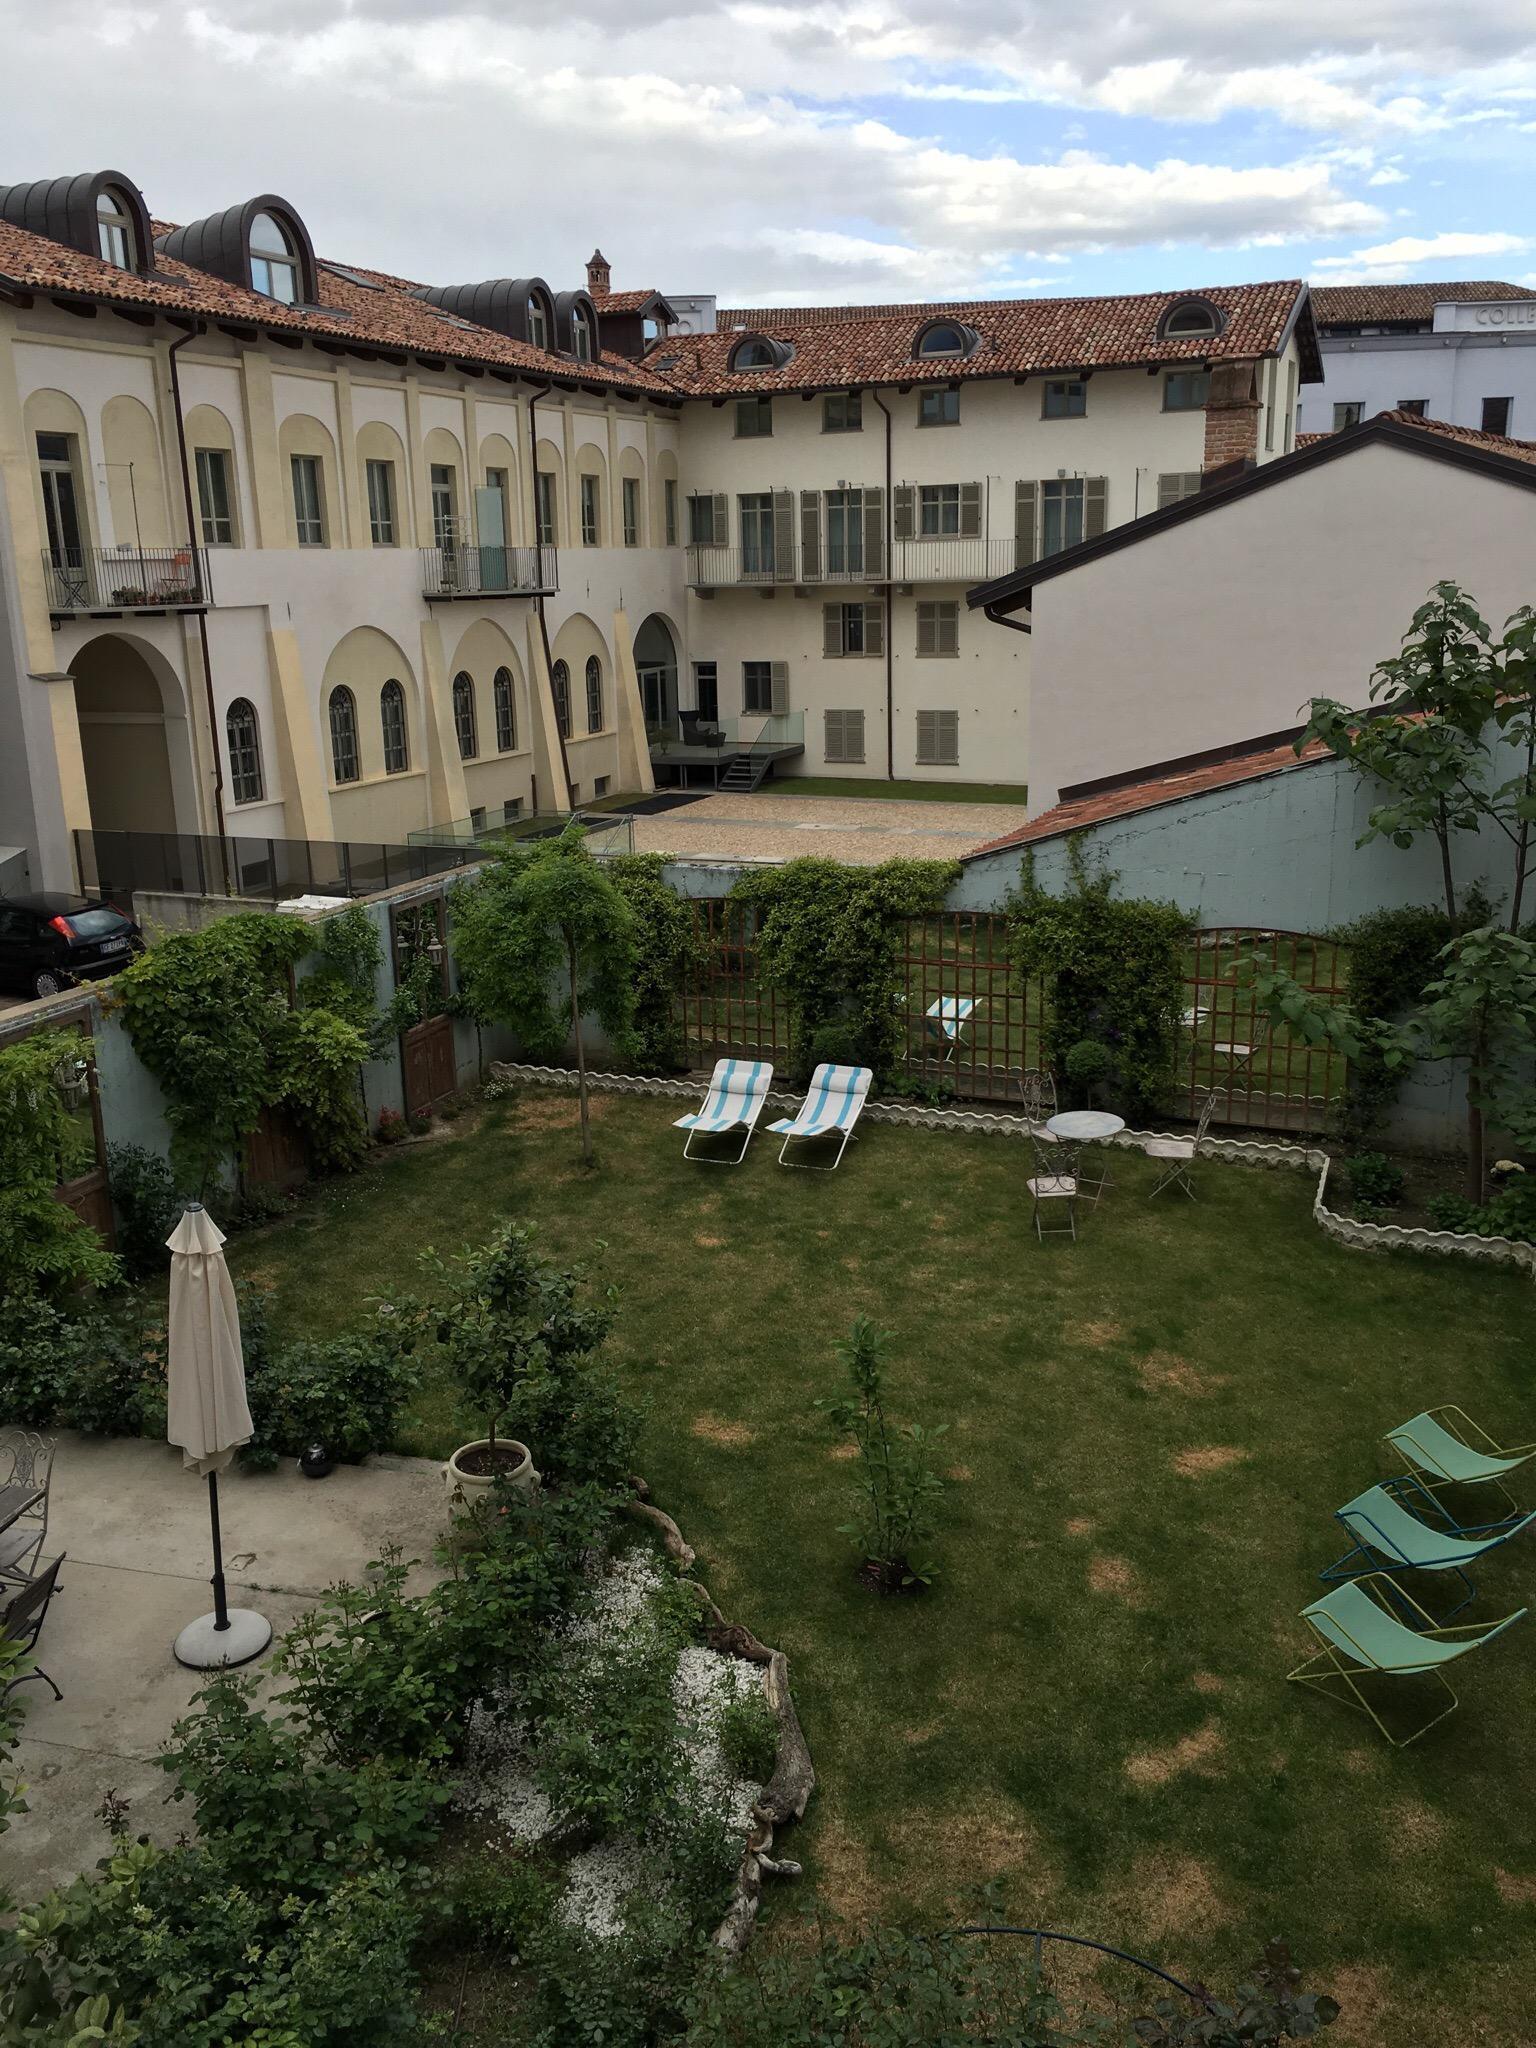 Palazzo d'Argento